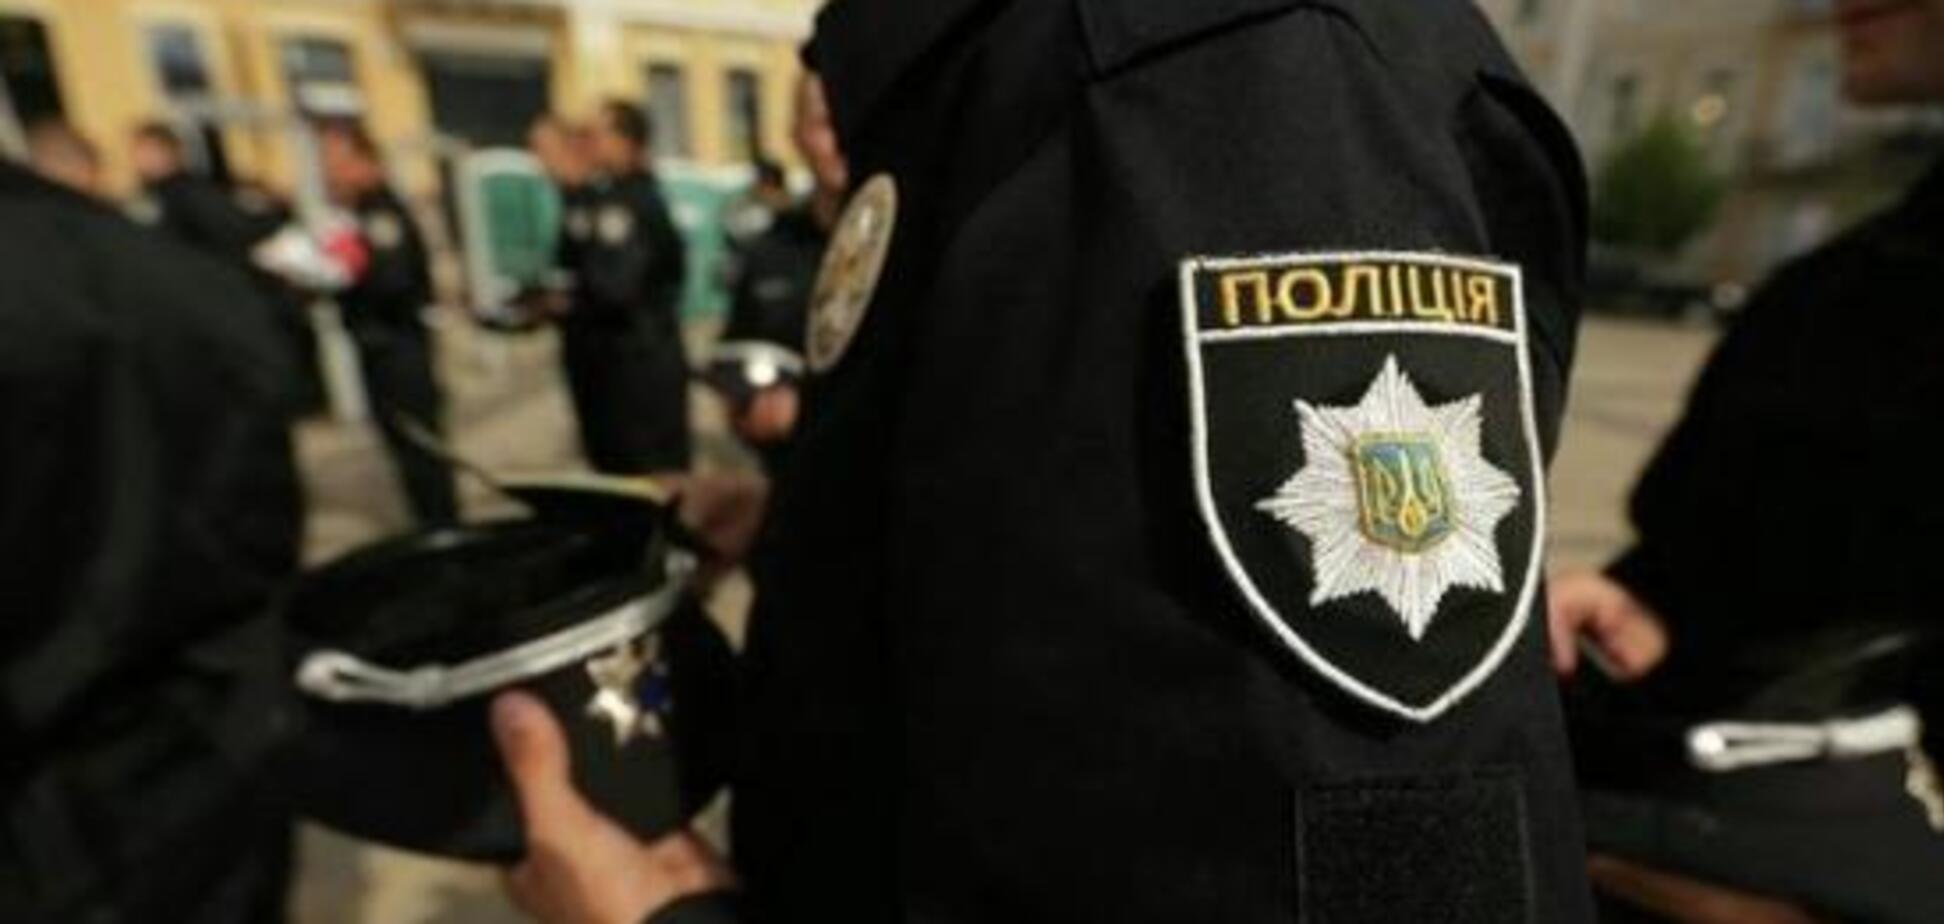 Подкинул белорусу боеприпасы? В Киеве вынесли жесткое решение по полицейскому